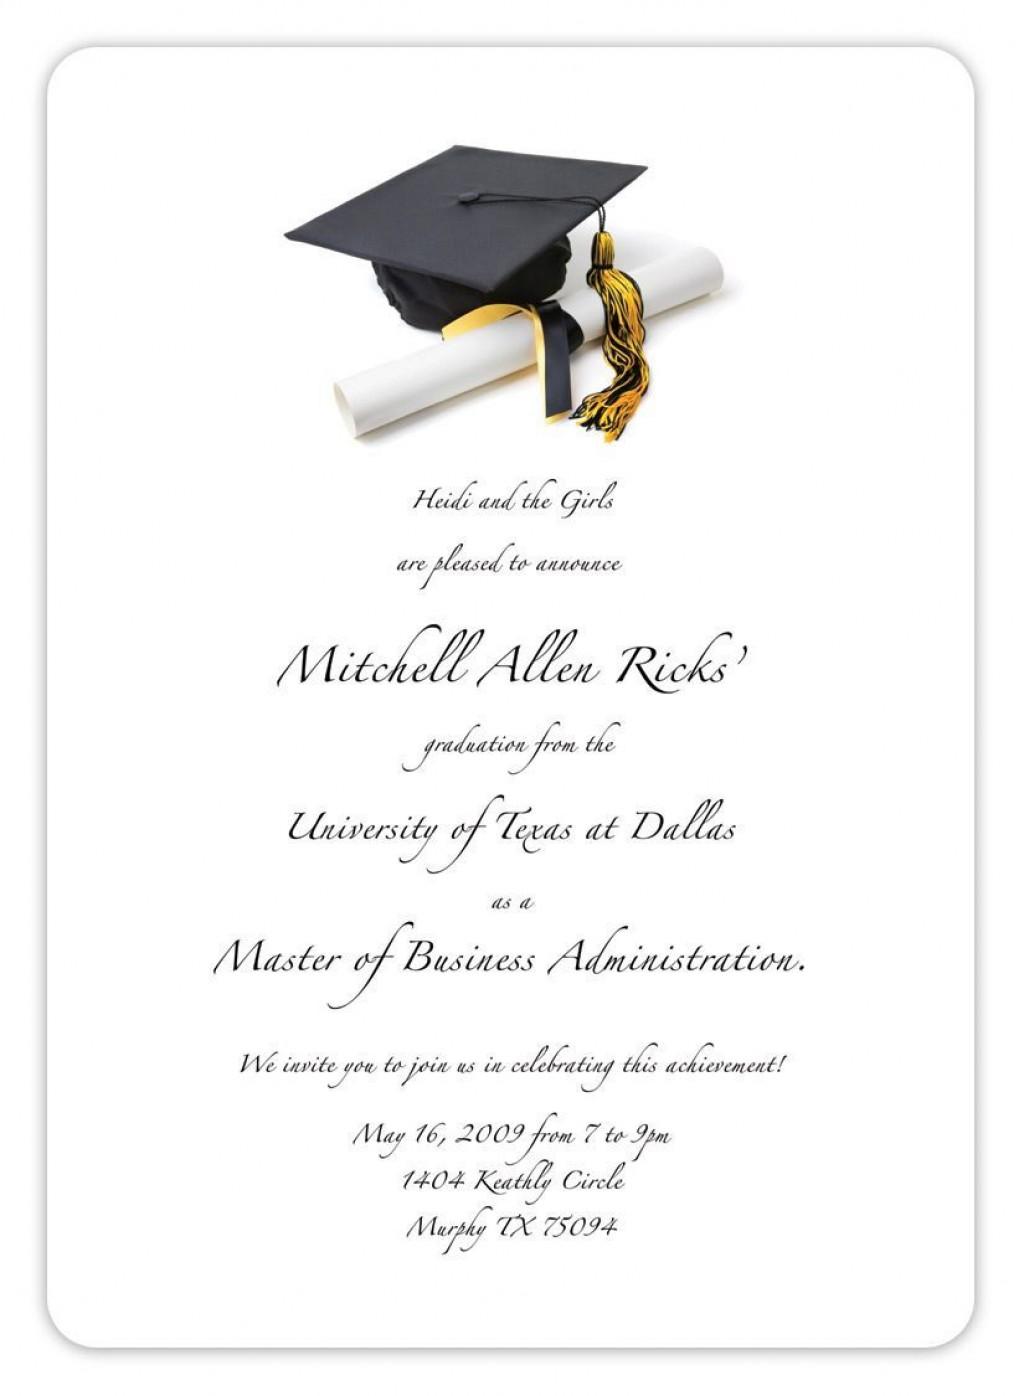 006 Sensational Free Printable Graduation Announcement Template Concept Large